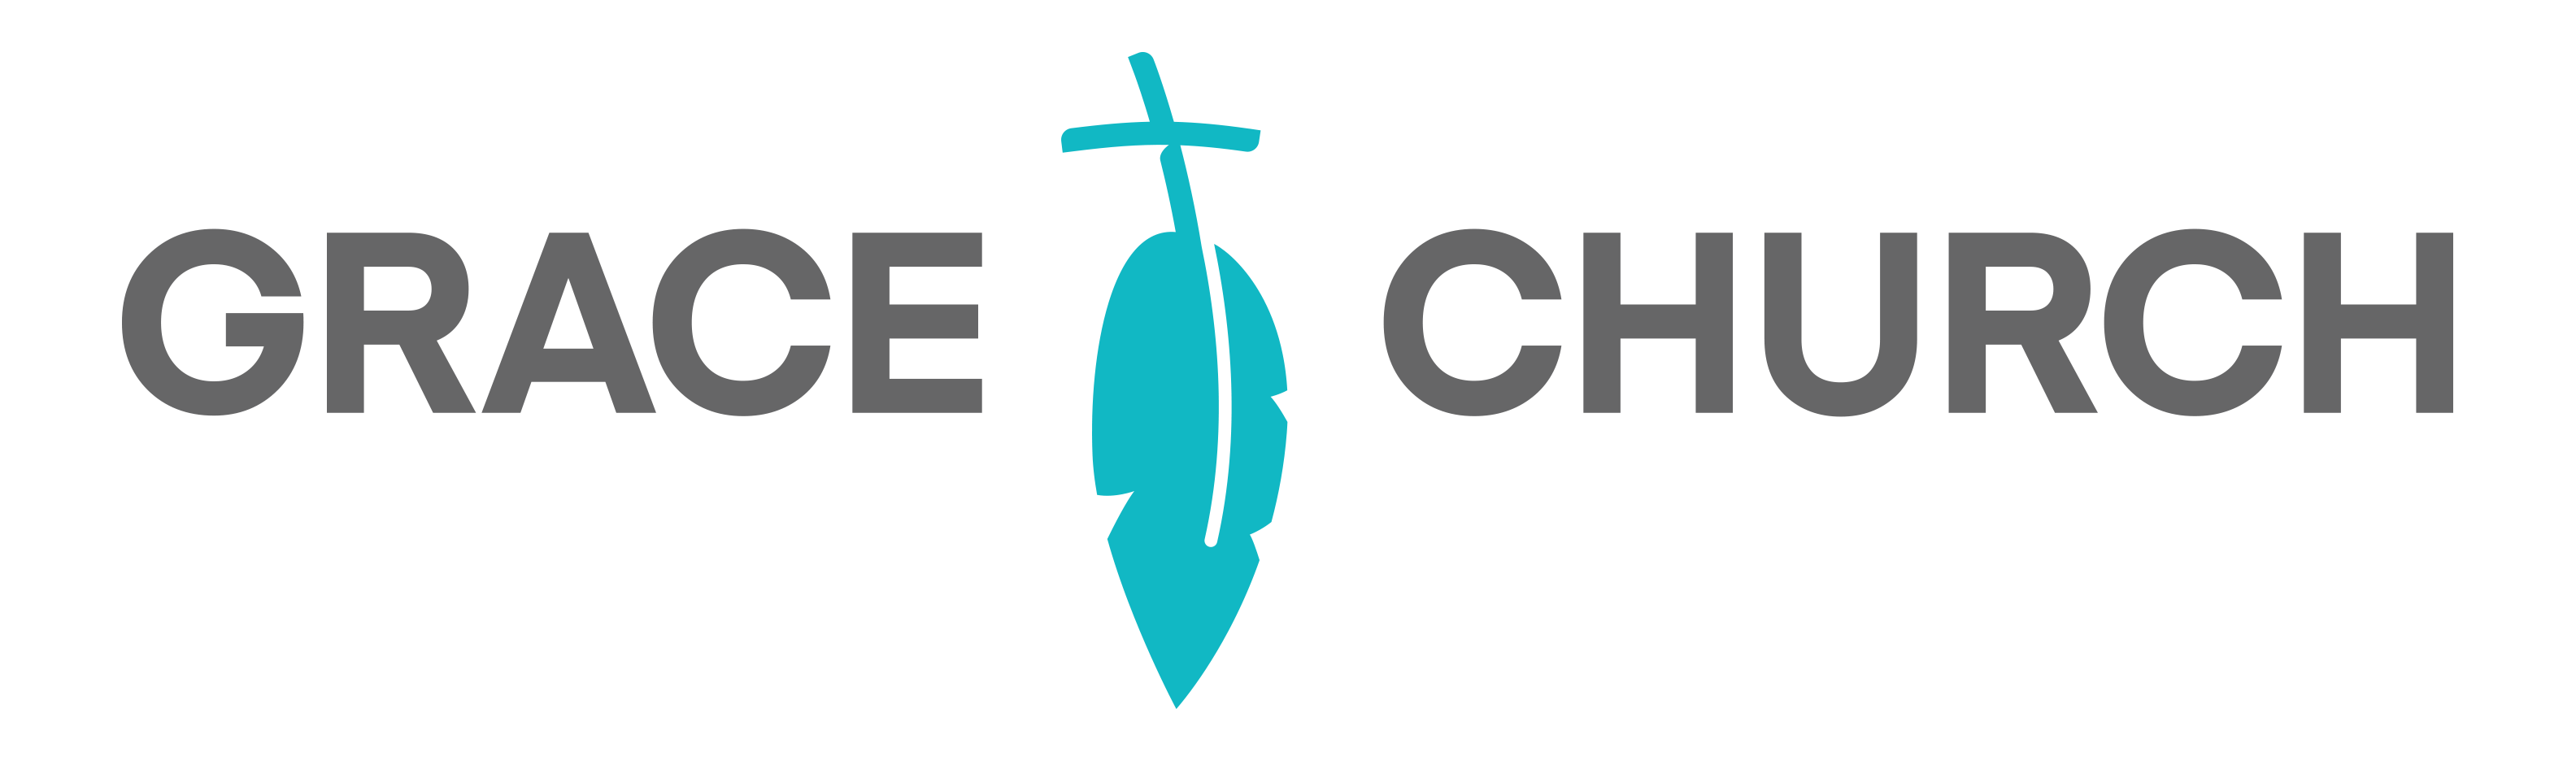 grace_church_logo